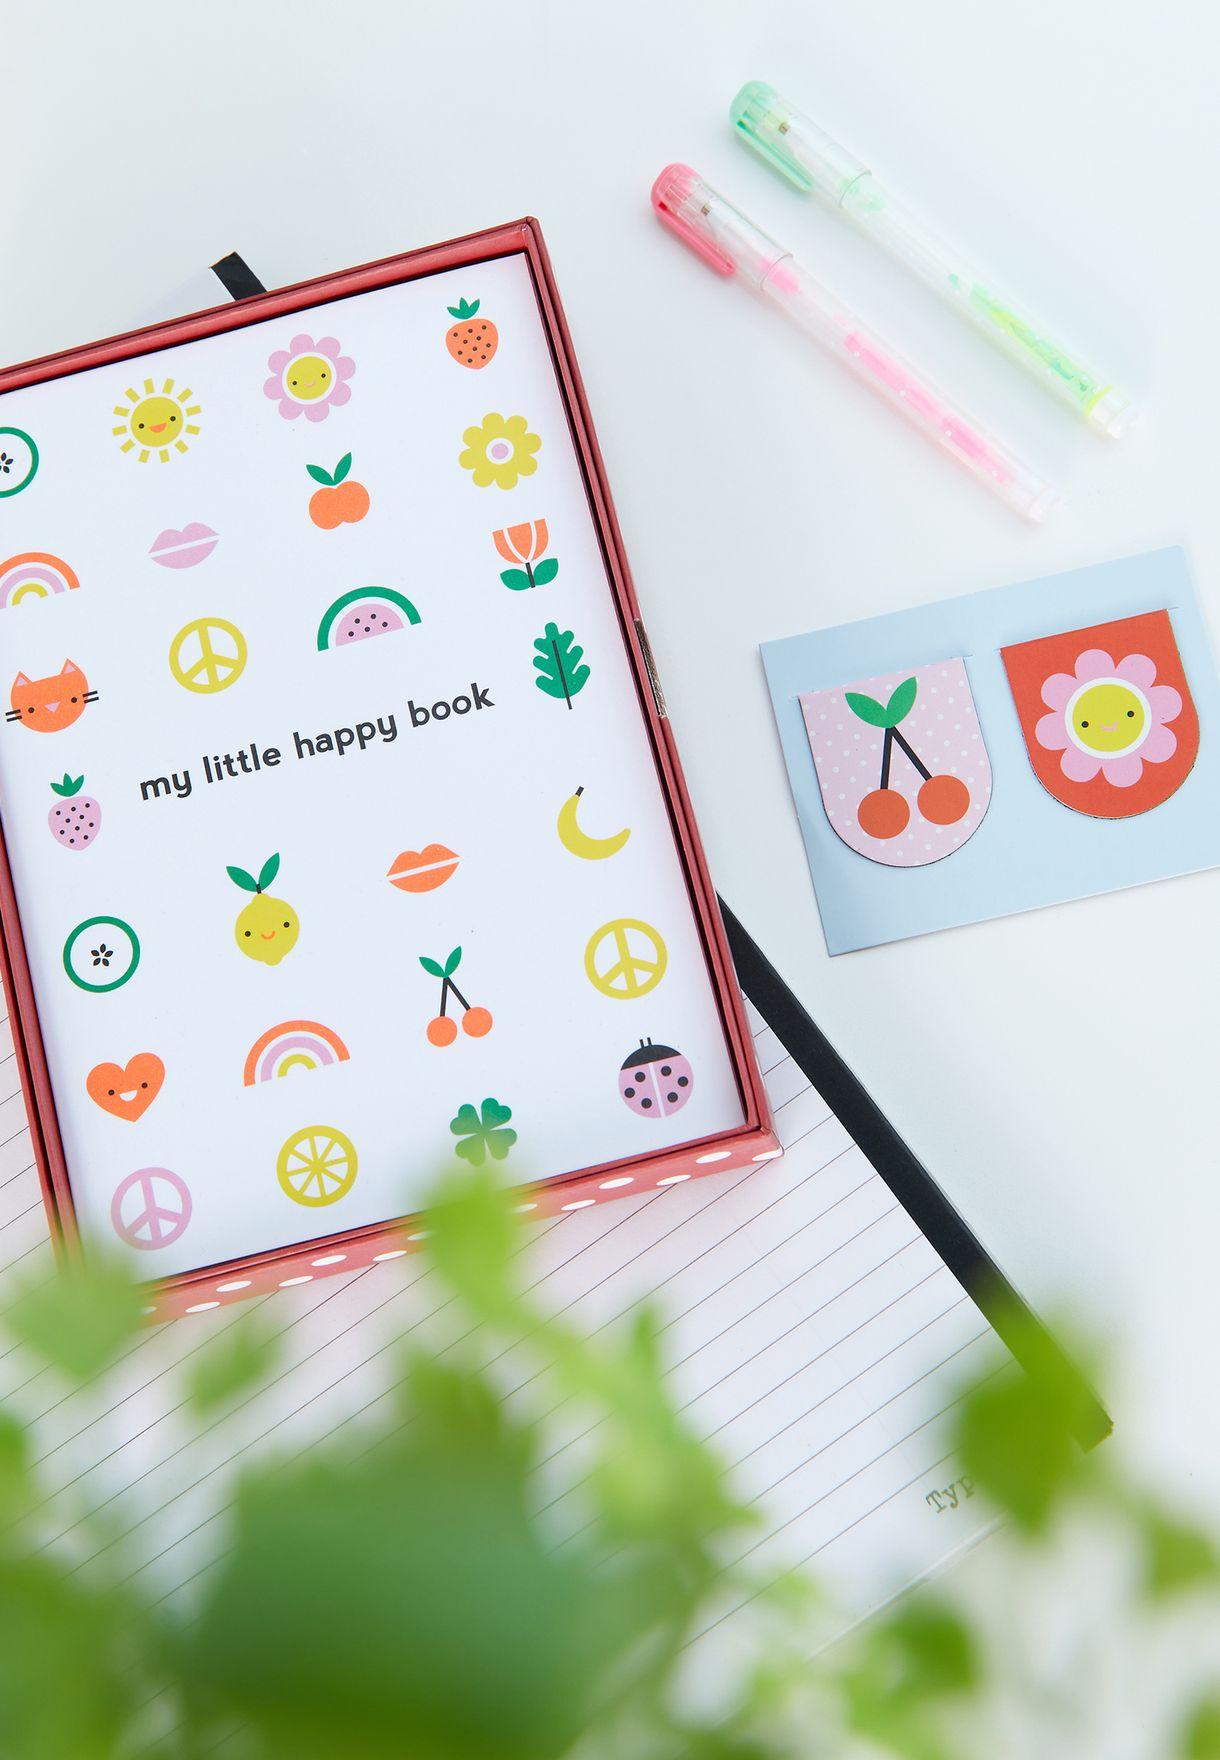 طقم هدايا ( دفتر يوميات + مؤشرات مغناطيسية +أقلام نيون)